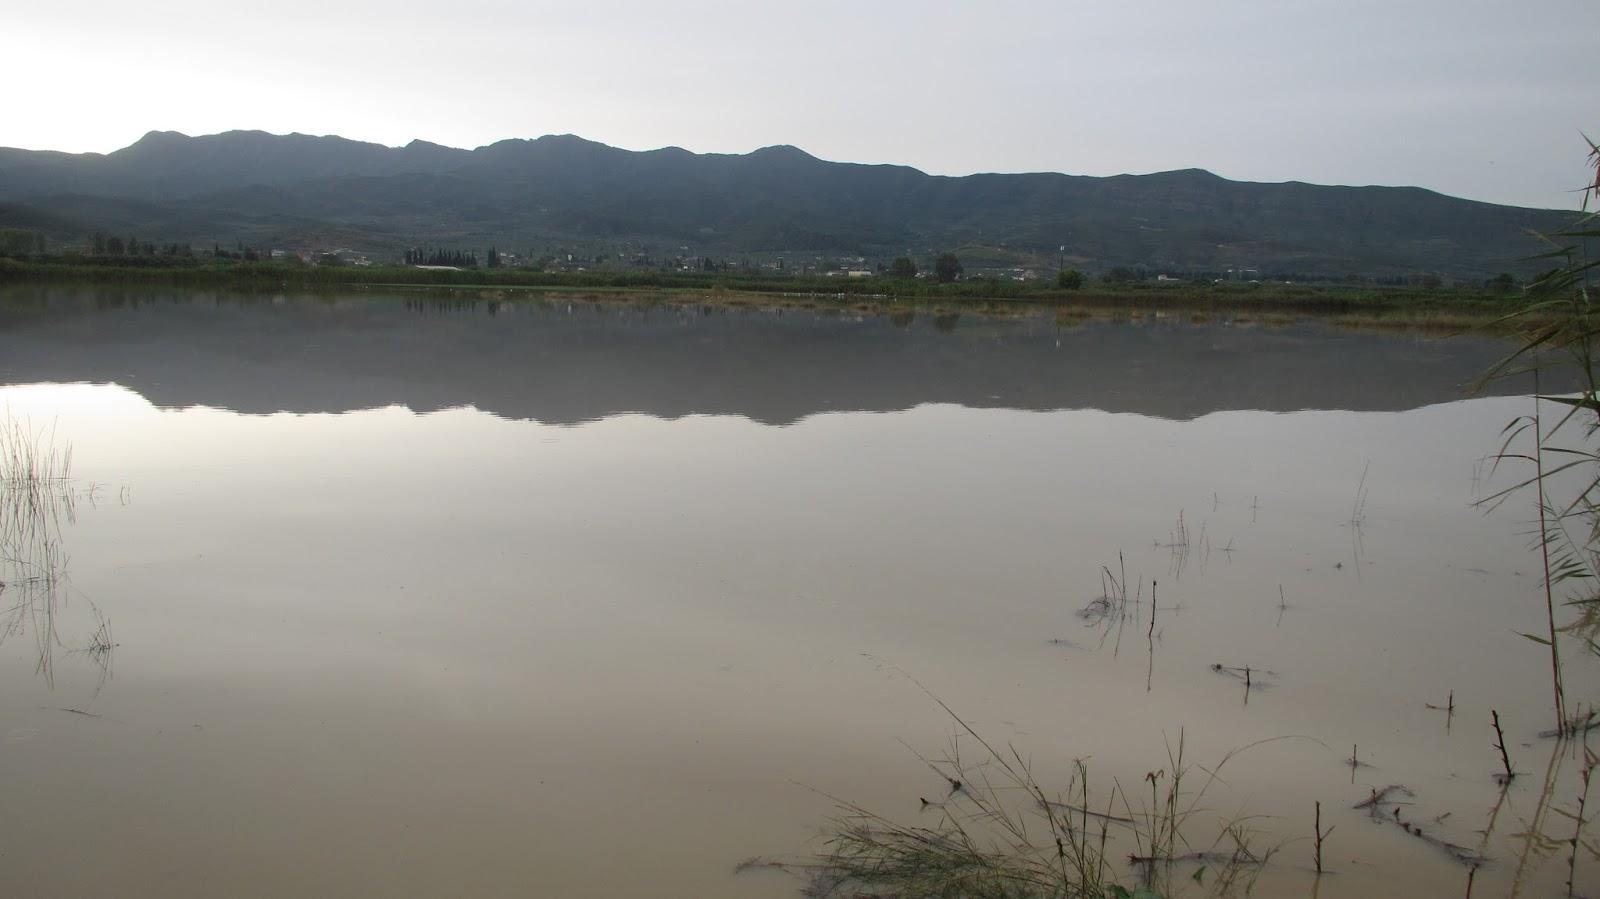 """Αγρός που κυριολεκτικά έχει μετατραπεί σε λίμνη. Βρίσκεται μερικά μέτρα μετά τον """"Βιολογικό"""" στο δρόμο προς το ΤΕΙ"""